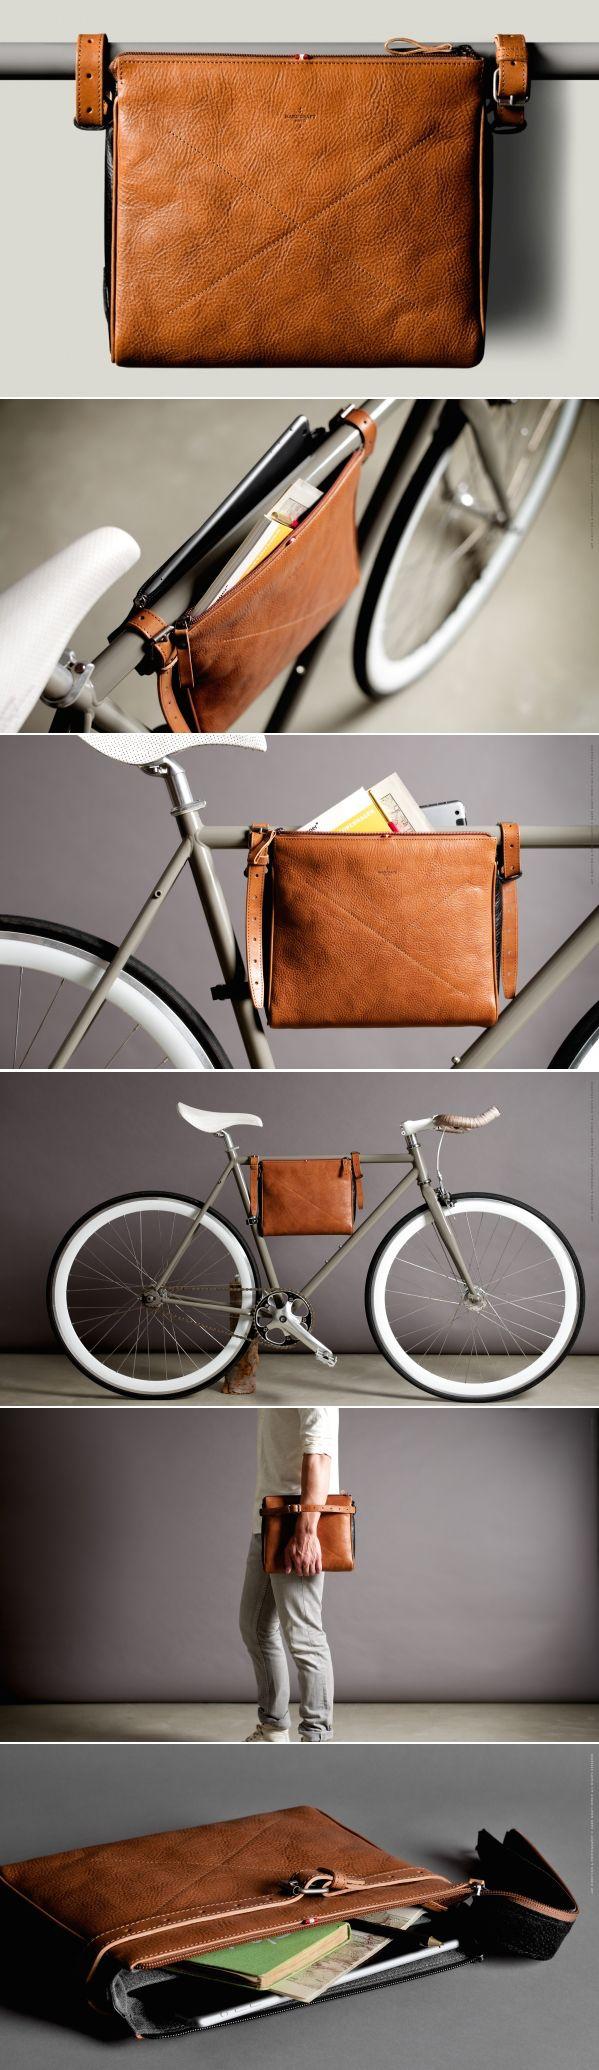 Para esas chicas activas y ecológicas ésta es una buena opción. #FlappersBags #Inspiración #Bags